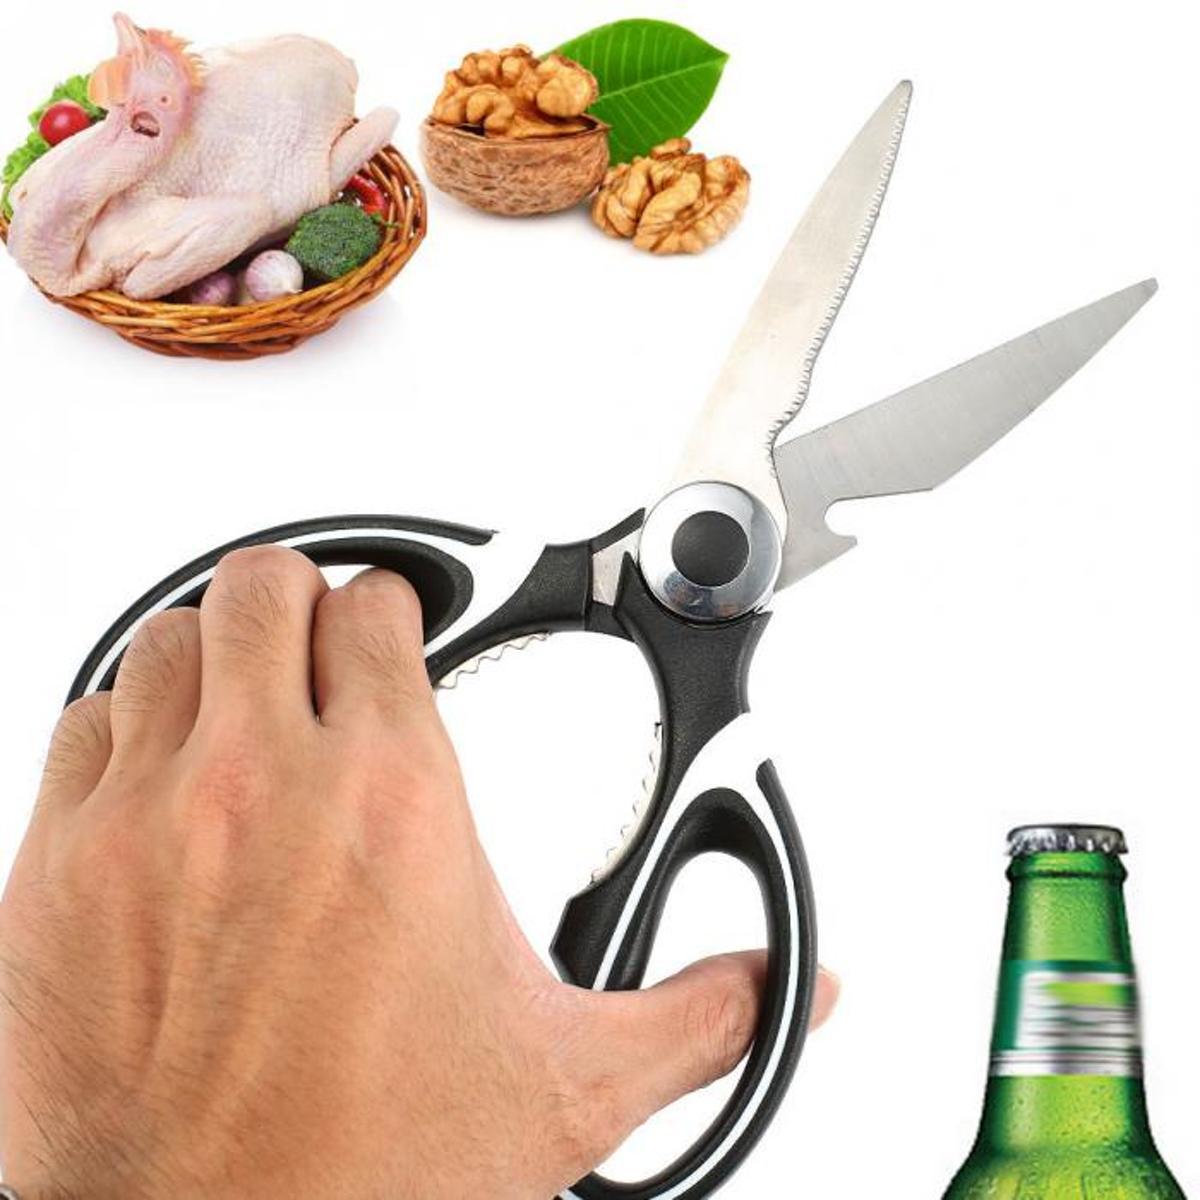 Duurzame en handige vleesschaar voor het bereiden en knippen van vlees kopen